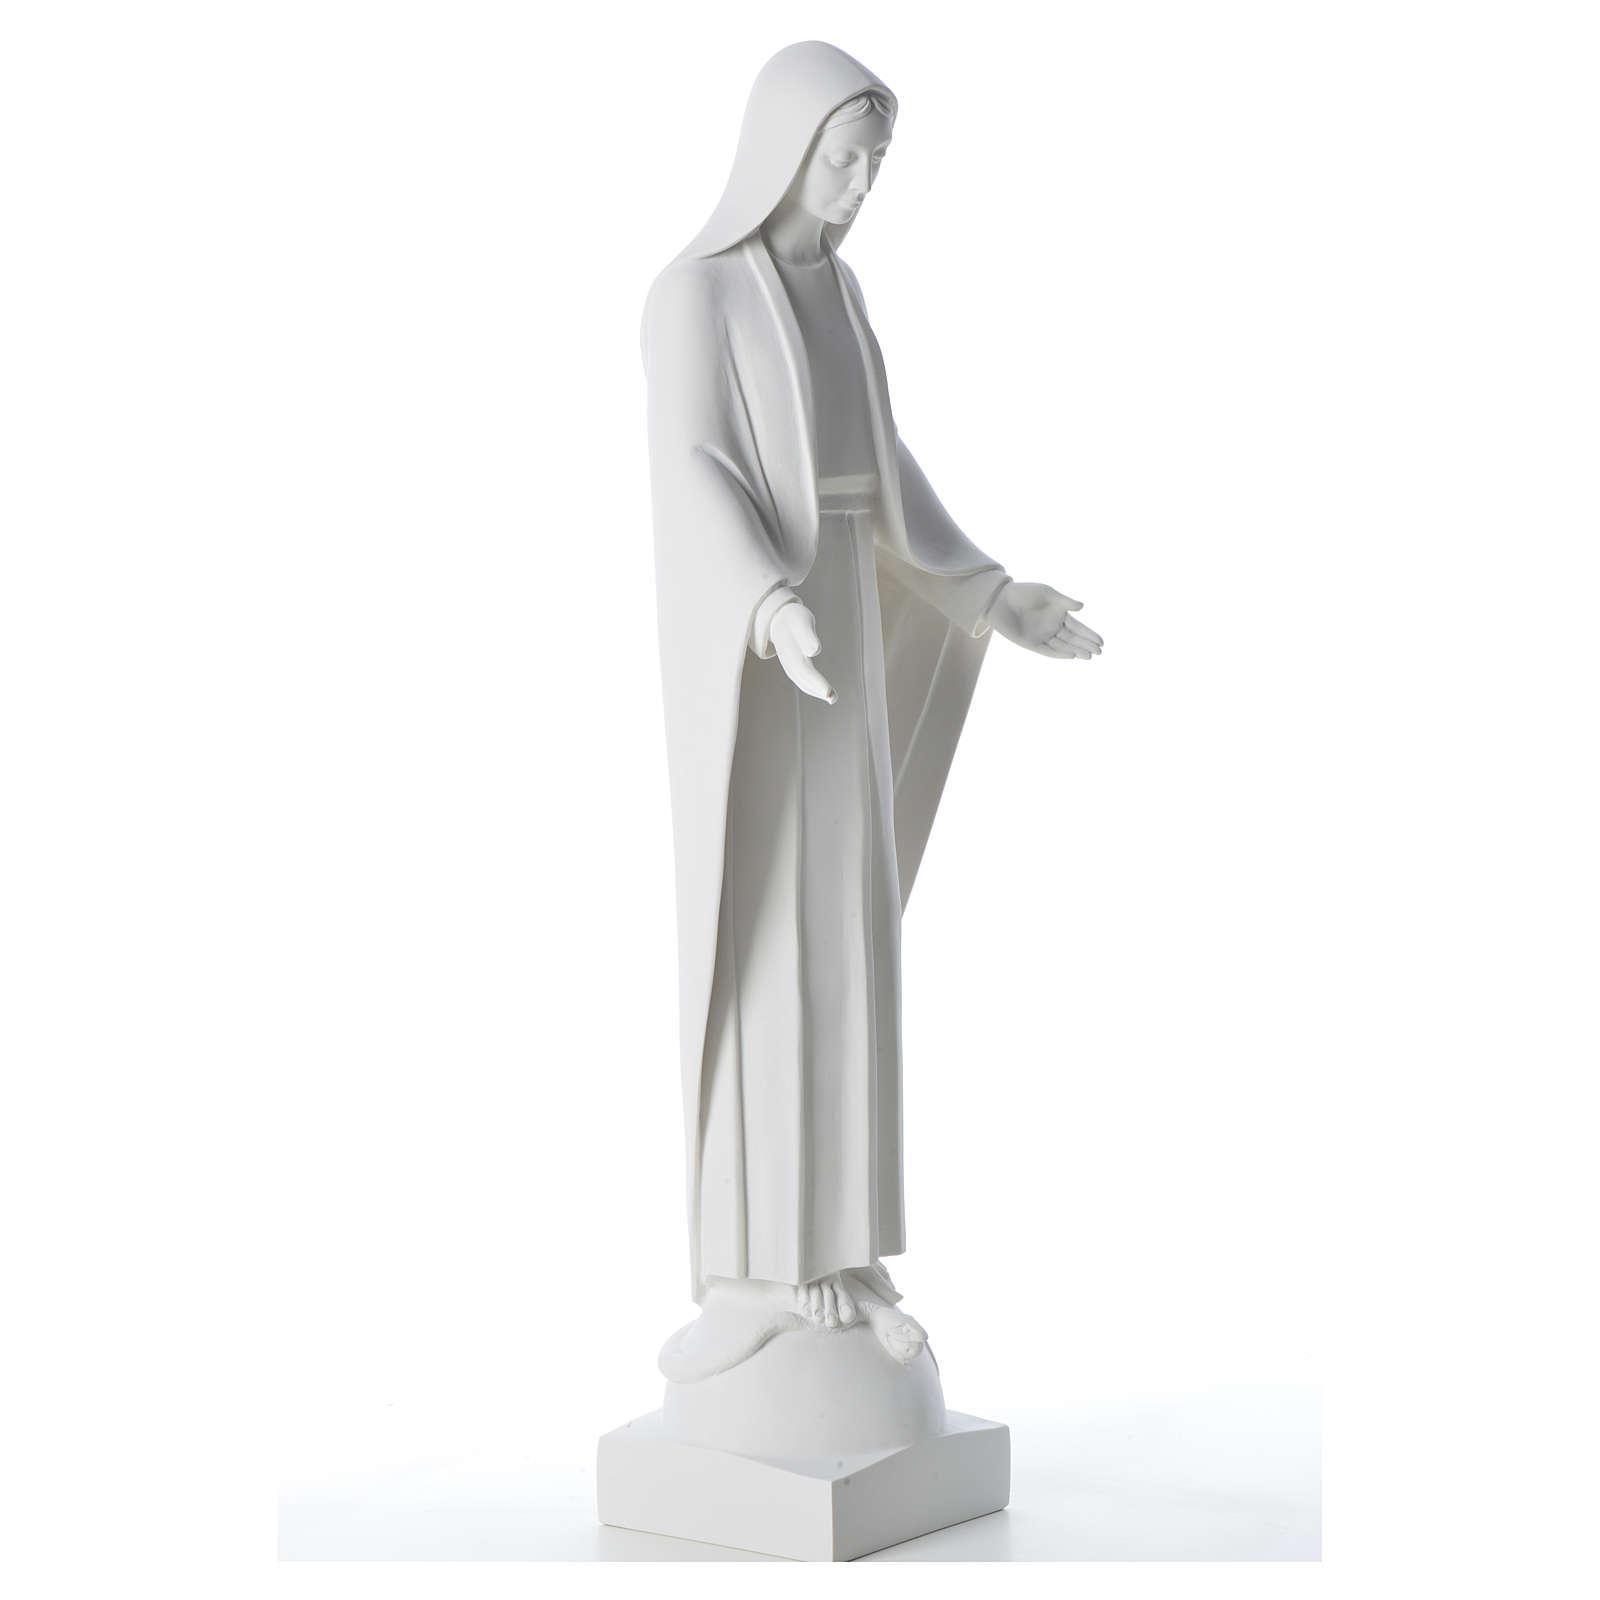 Statua Miracolosa polvere di marmo bianco 60-80 cm 4